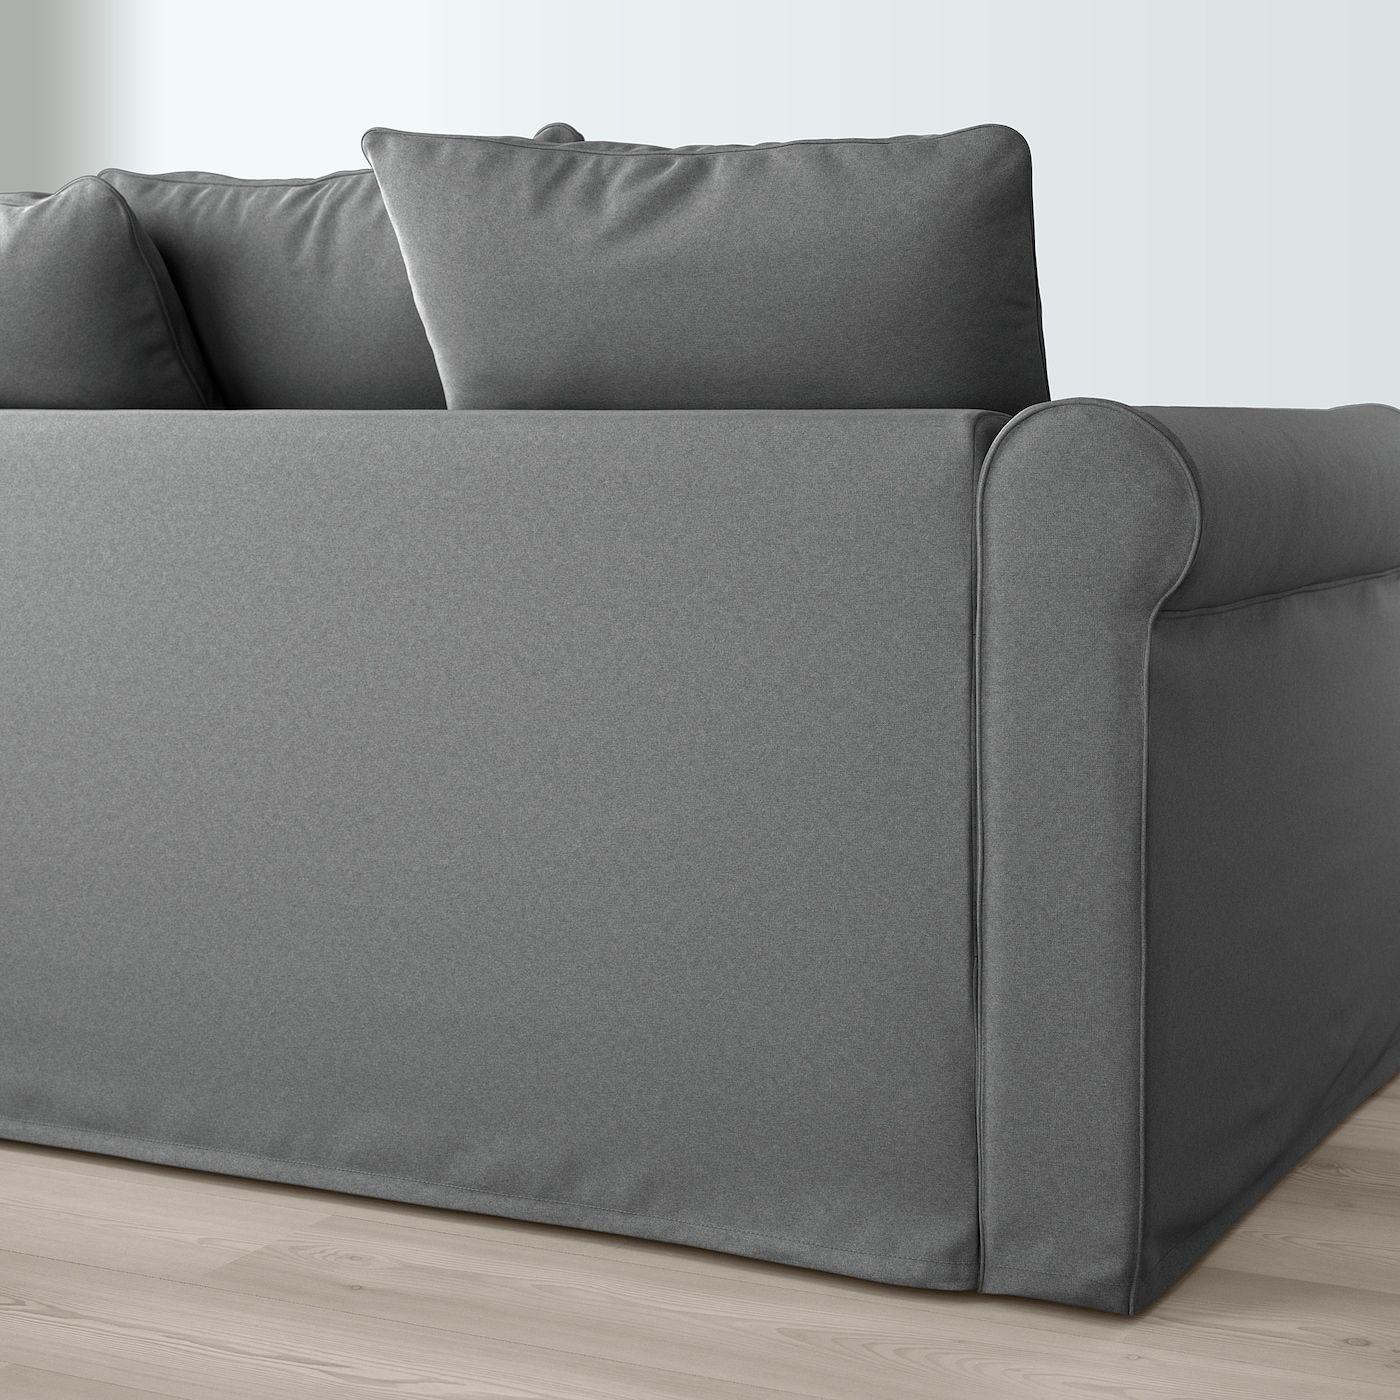 Ikea Gr Ouml Nlid Ecksofa 4 Sitzig Ljungen Mittelgrau In 2020 Sofa Ecksofa 3er Sofa